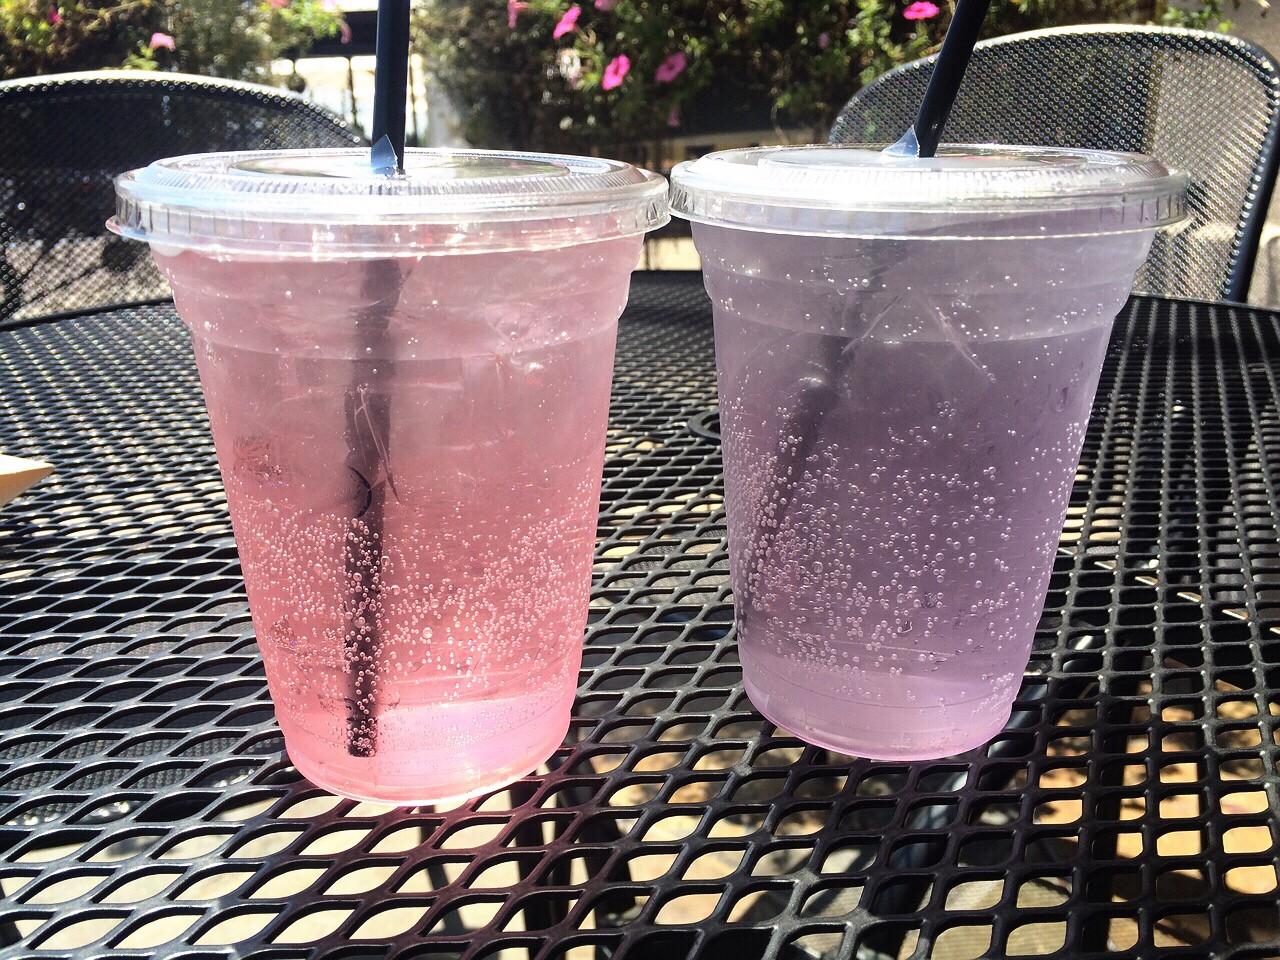 3 loại đồ uống cần tránh sử dụng trong mùa thi nếu muốn đạt kết quả cao - Ảnh 2.